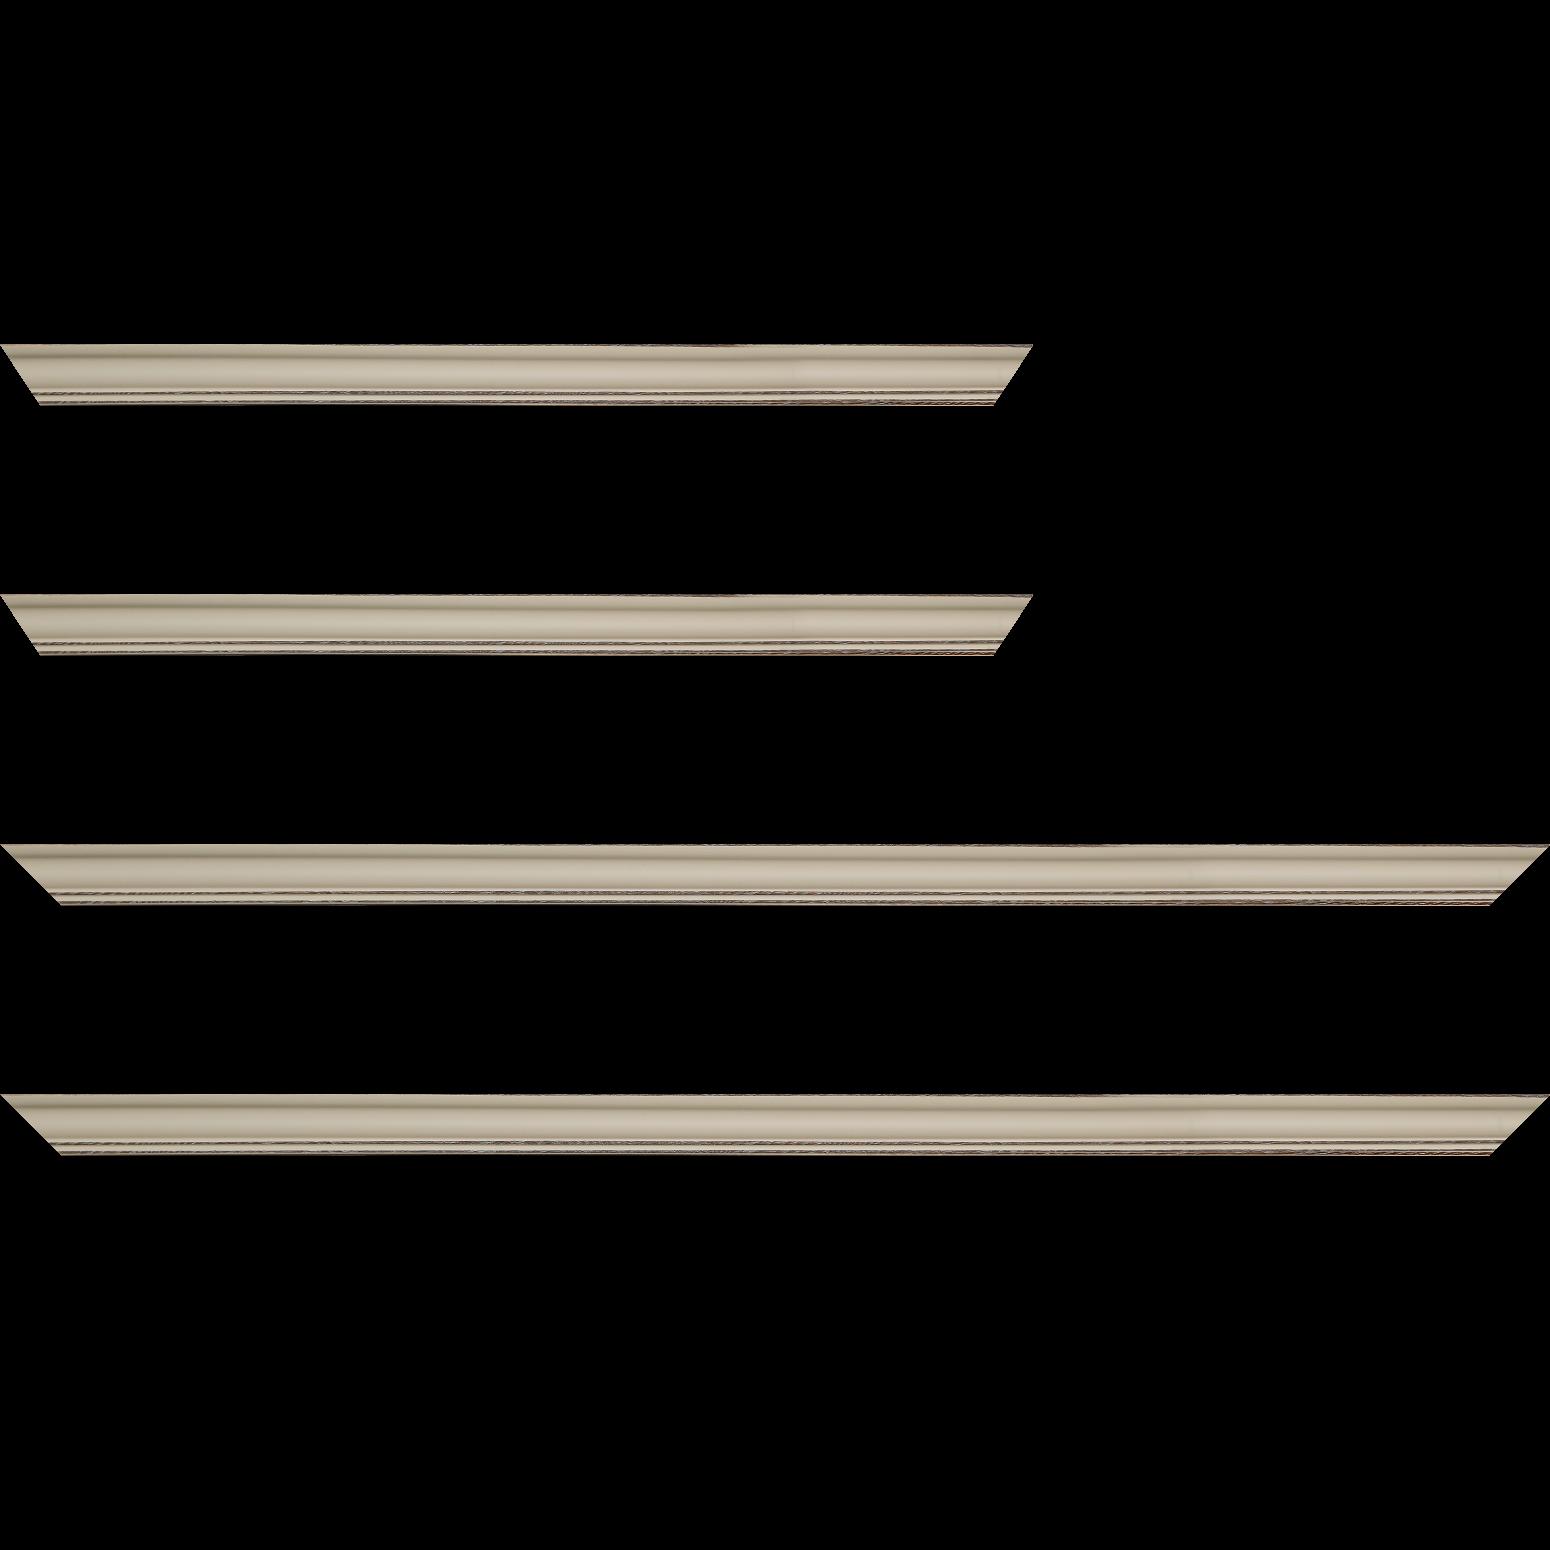 Baguette service précoupé Bois profil doucine inversée largeur 2.3cm argile satiné bord ressuyé